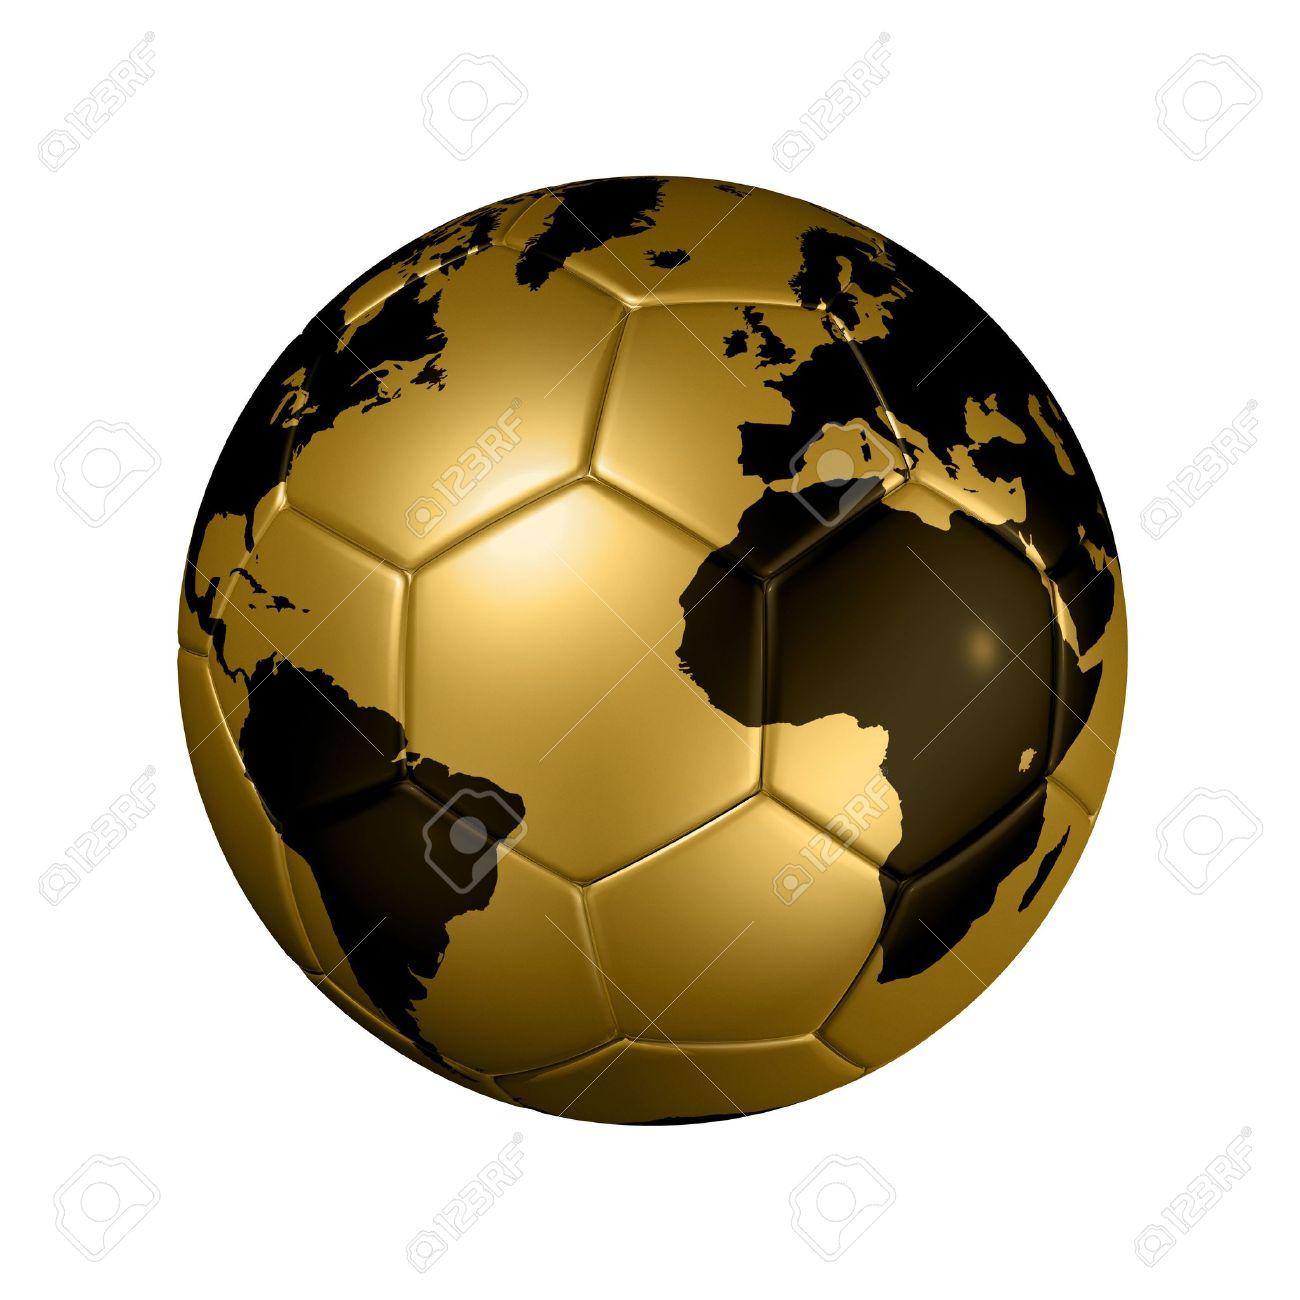 3d Isoliert Gold Soccer Ball Mit Weltkarte Fußball Wm 2010